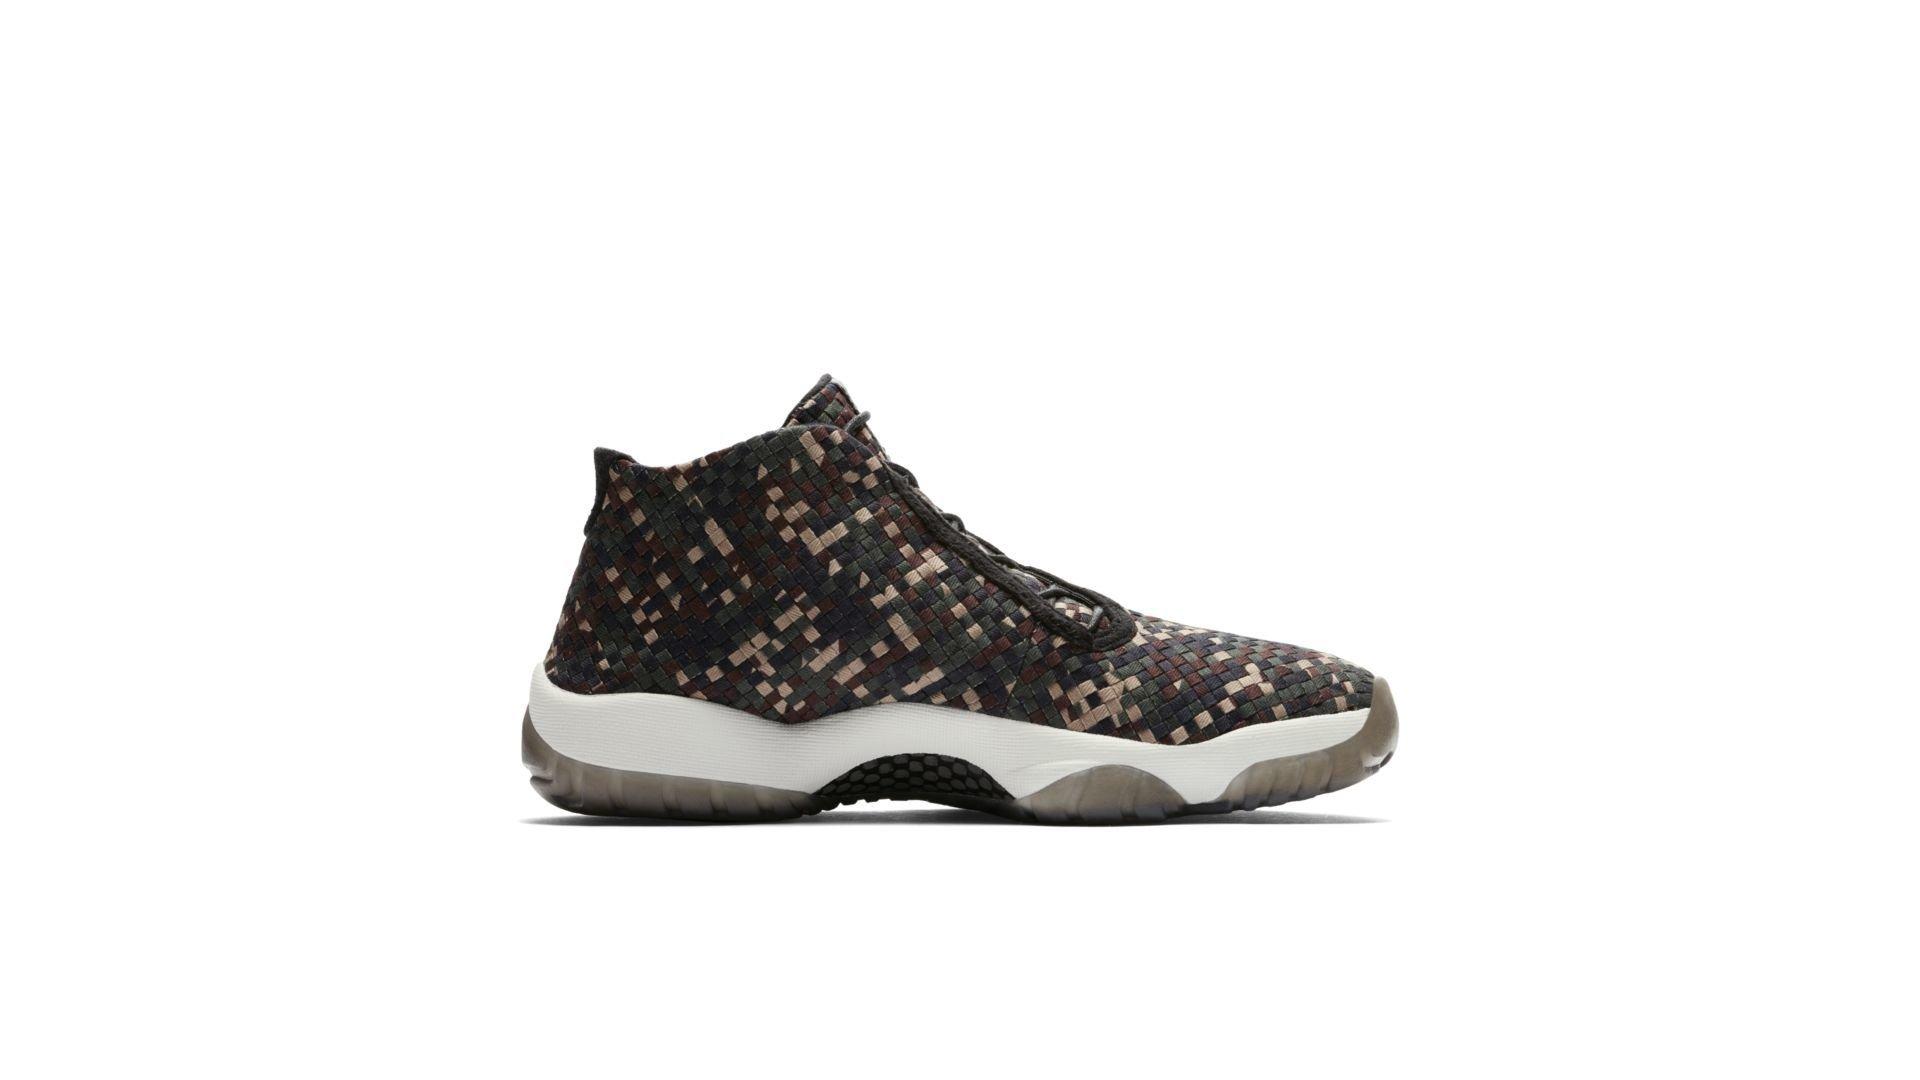 Air Jordan Future 652141-301